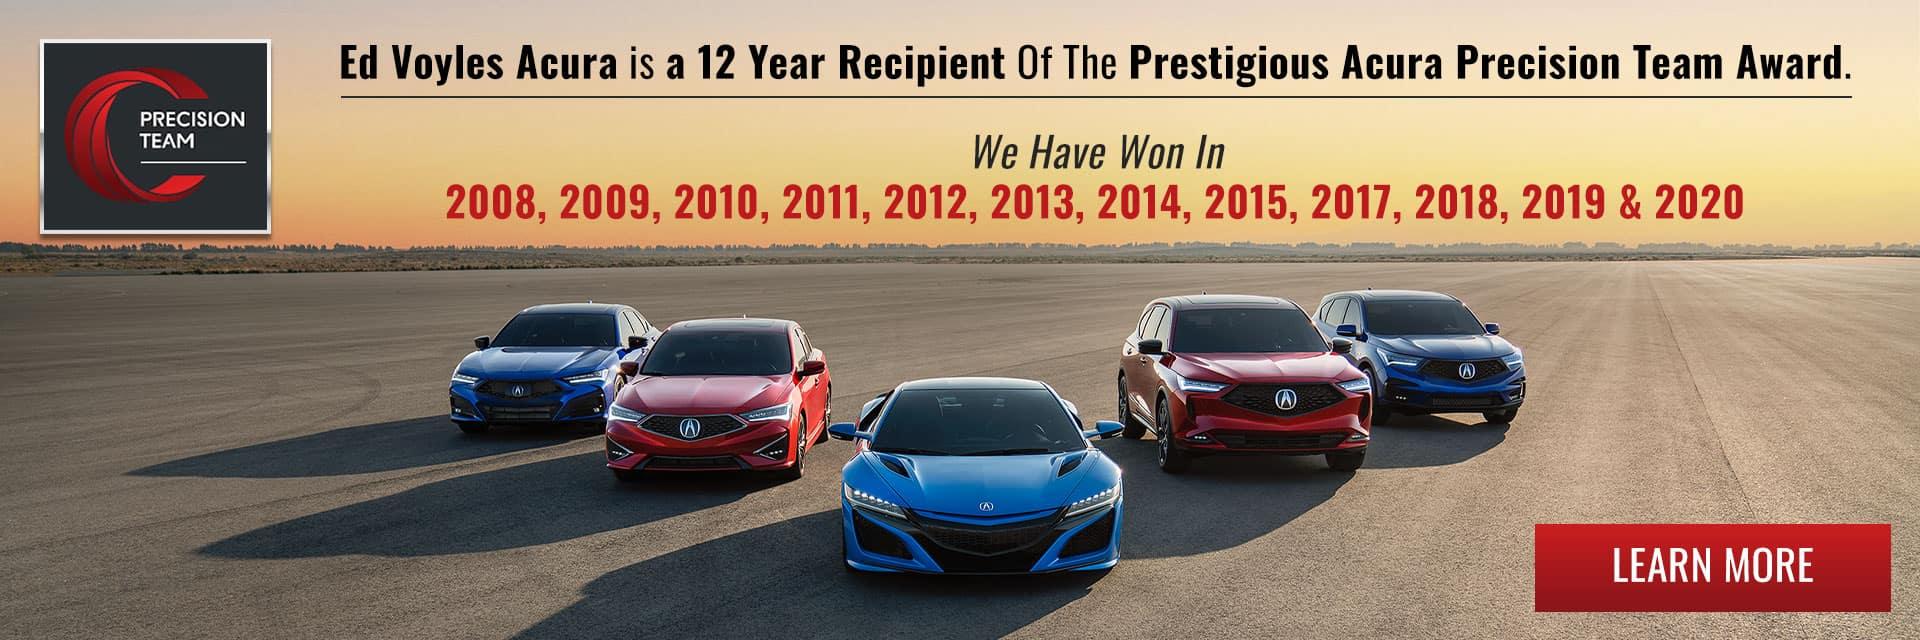 Precision Team Award